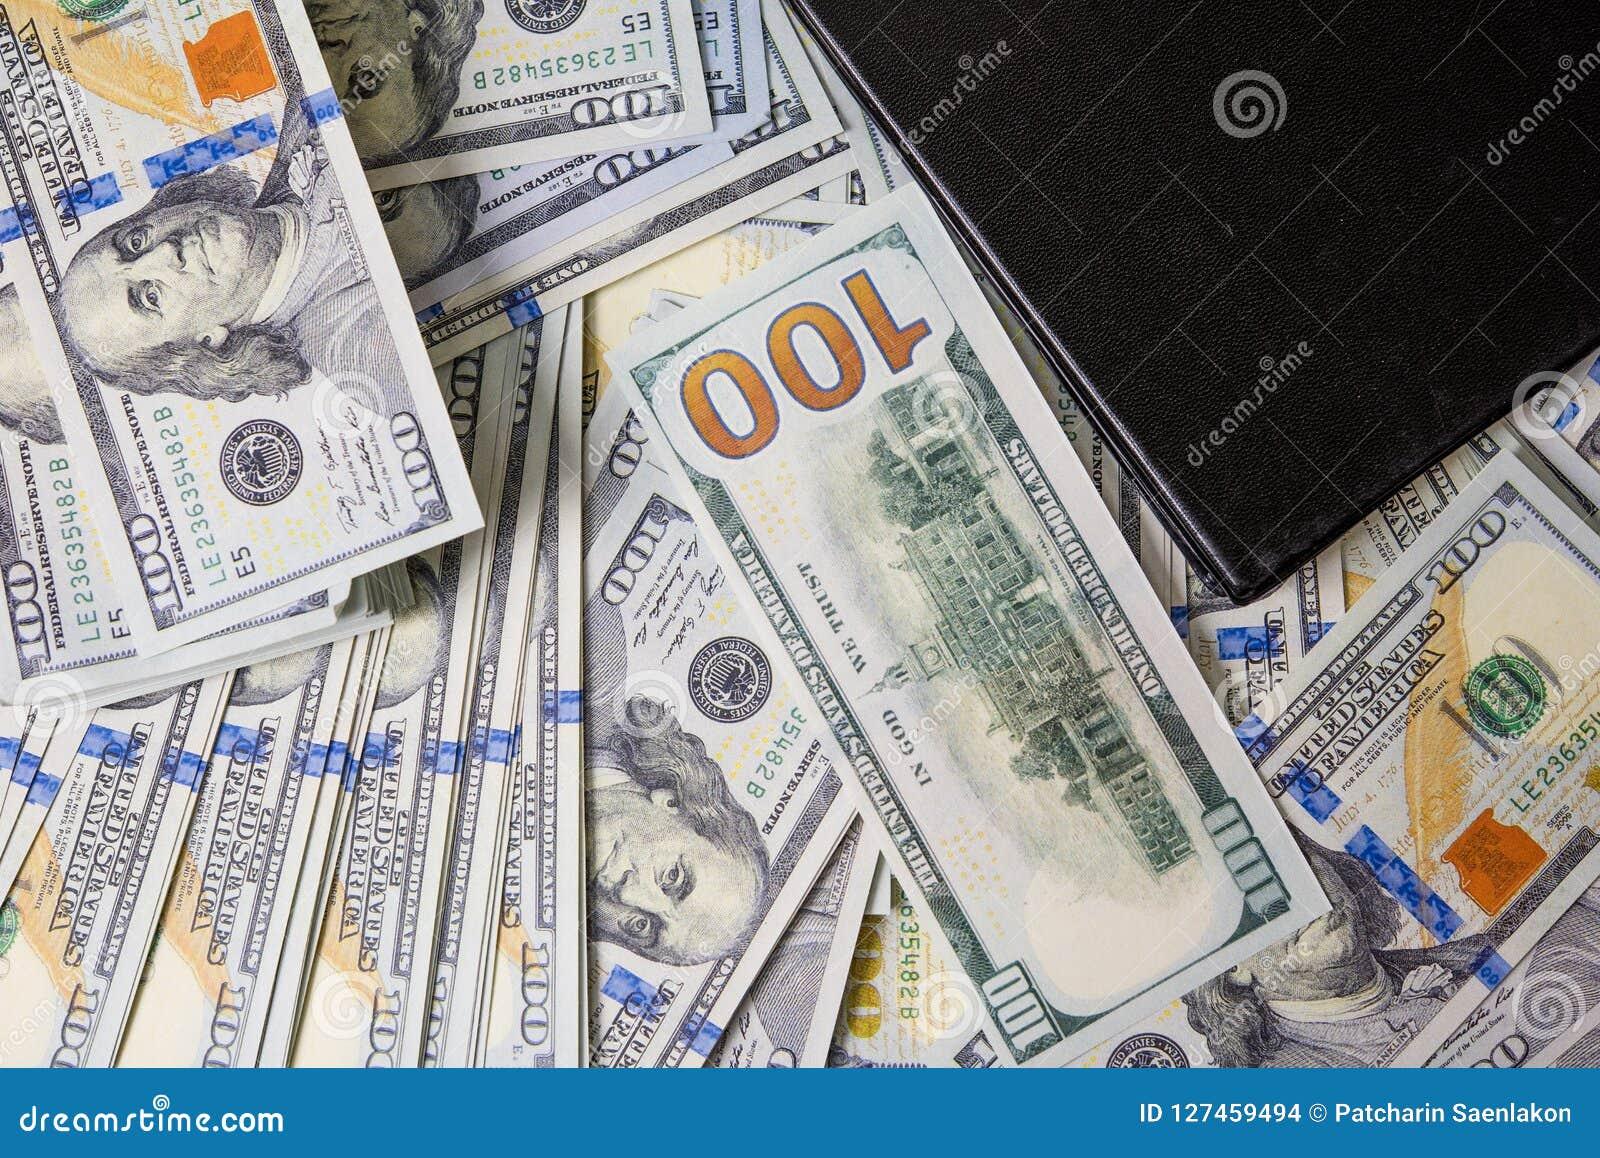 Επιχειρησιακά διαγράμματα στις οικονομικές εκθέσεις, τα δολάρια και την επιχείρηση Dia